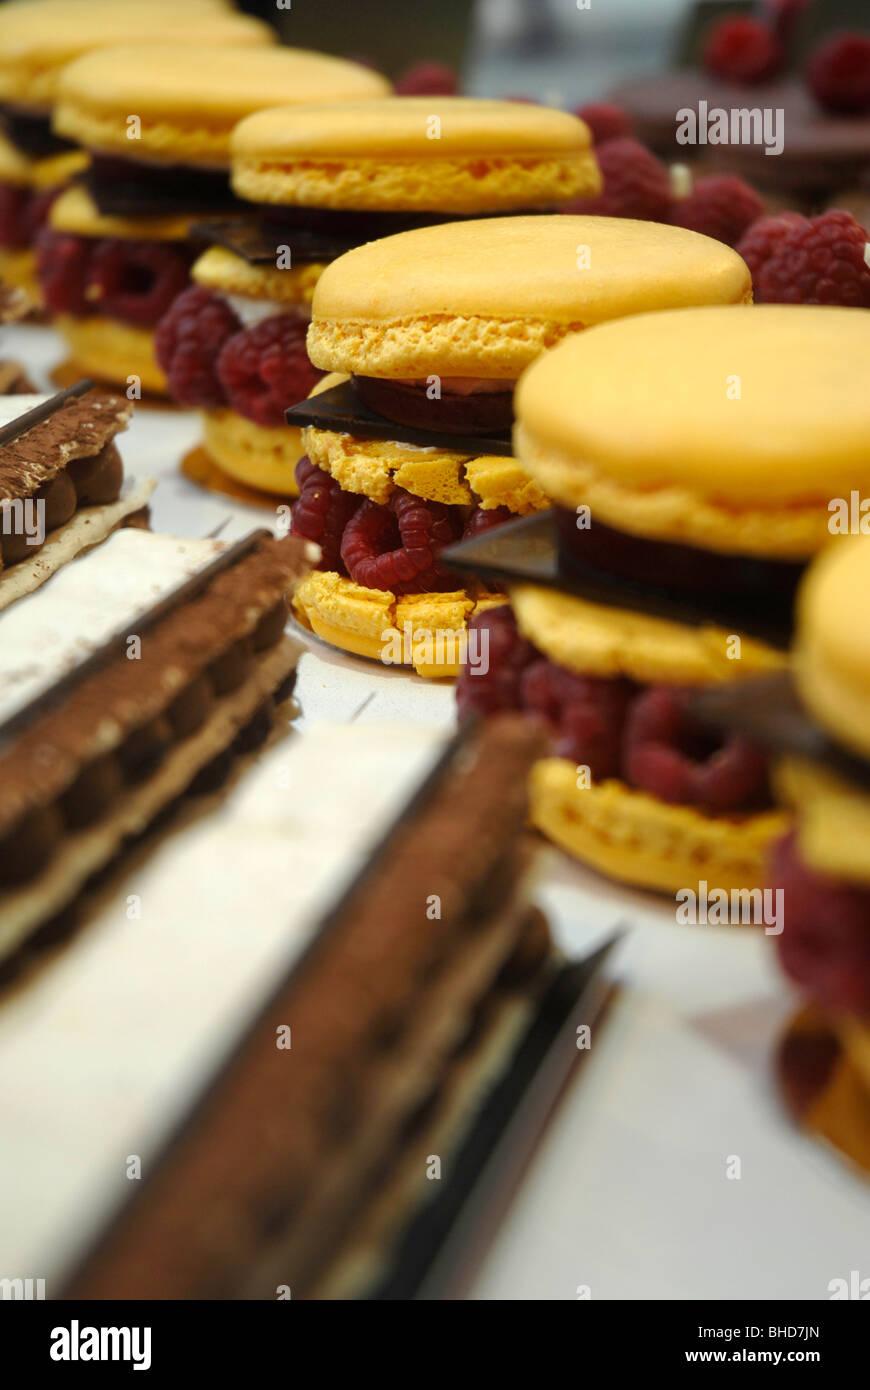 Dulces macarons superpuesto con frambuesas frescas y finas obleas de chocolate en el escaparate de la pantalla Imagen De Stock